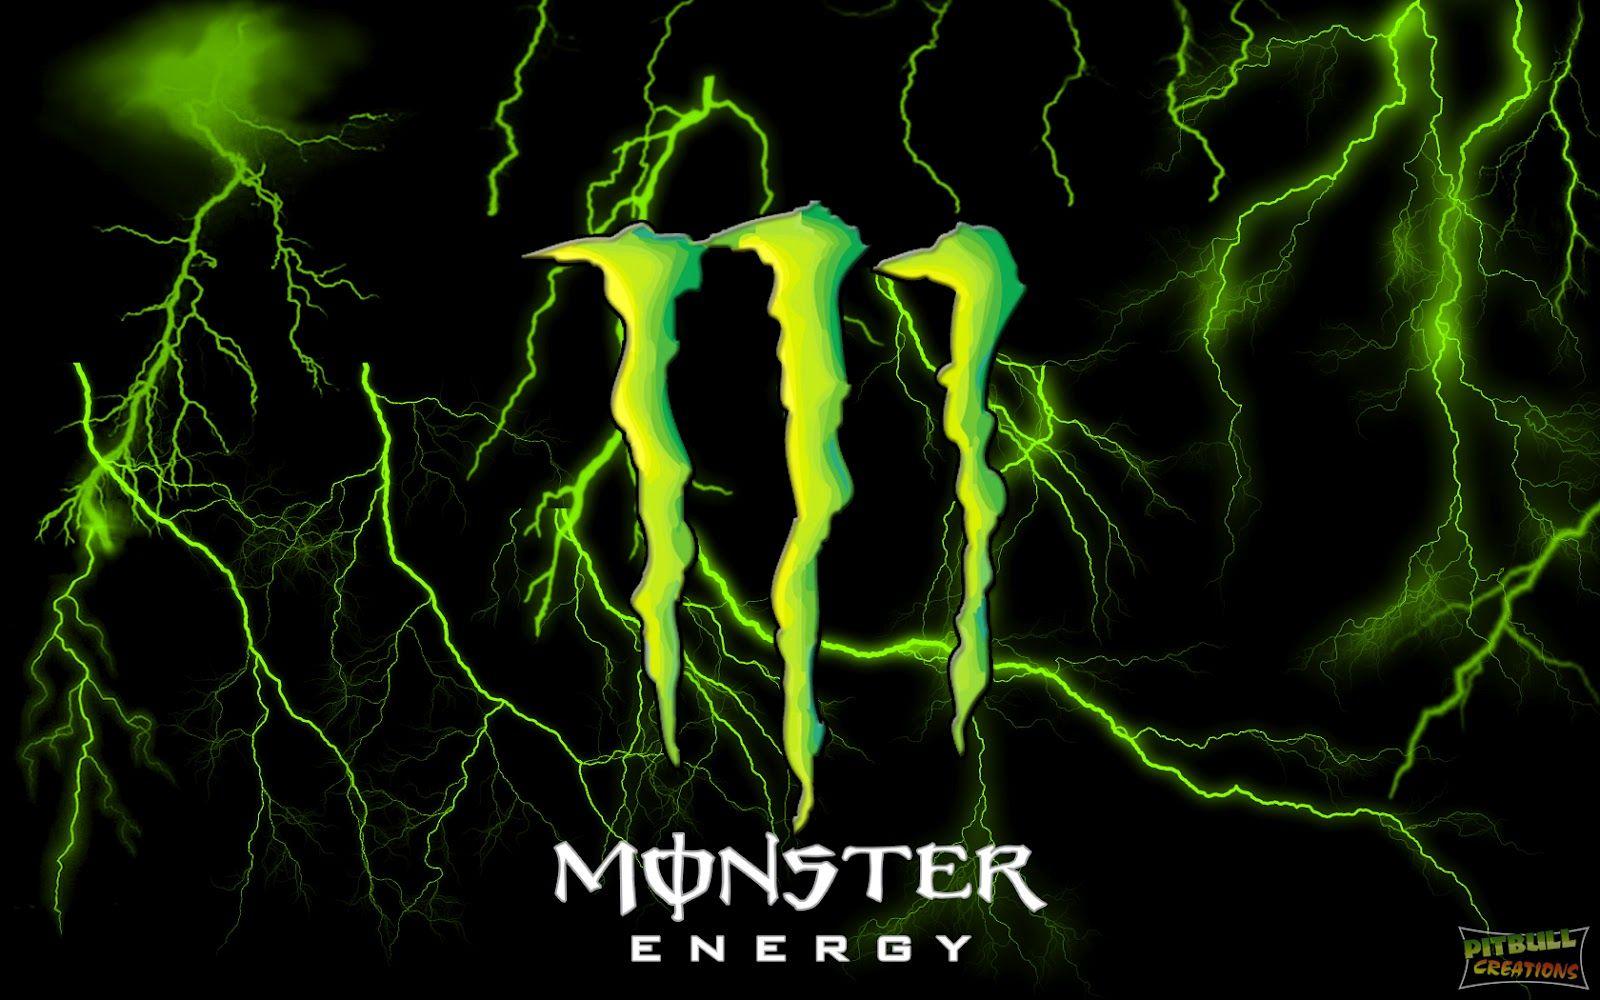 Monster Energy Wallpaper Hd Desktop Ipicturee Com Monster Energy Drink Monster Energy Energy Logo